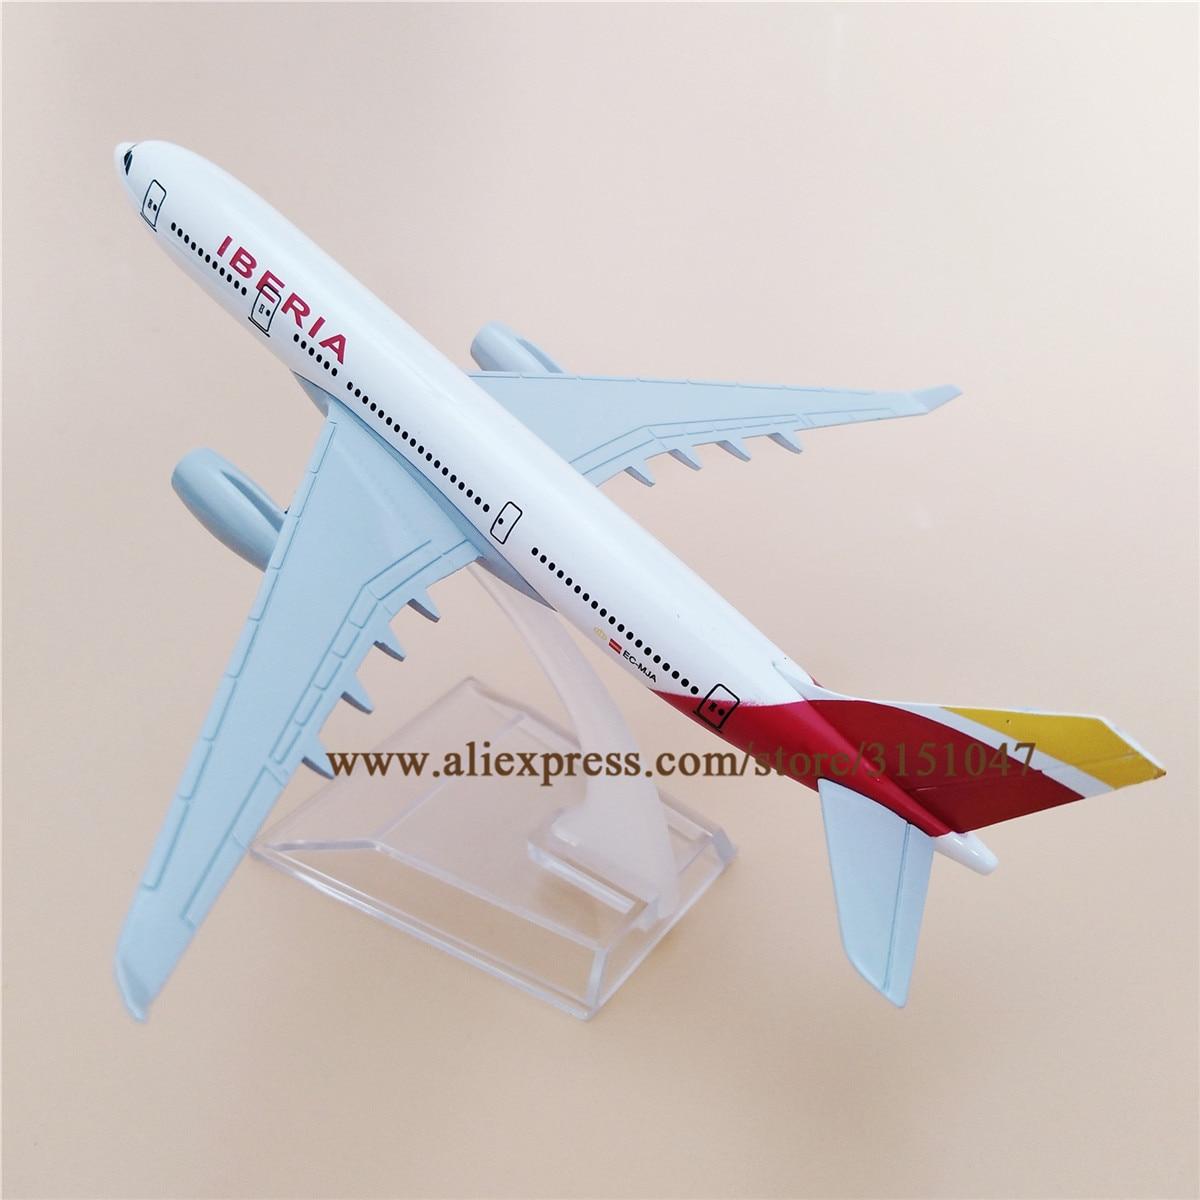 Aire España IBERIA Airlines A330 Airbus 330 Airways modelo de avión de aleación de Metal modelo de avión Diecast aviones 16cm regalo